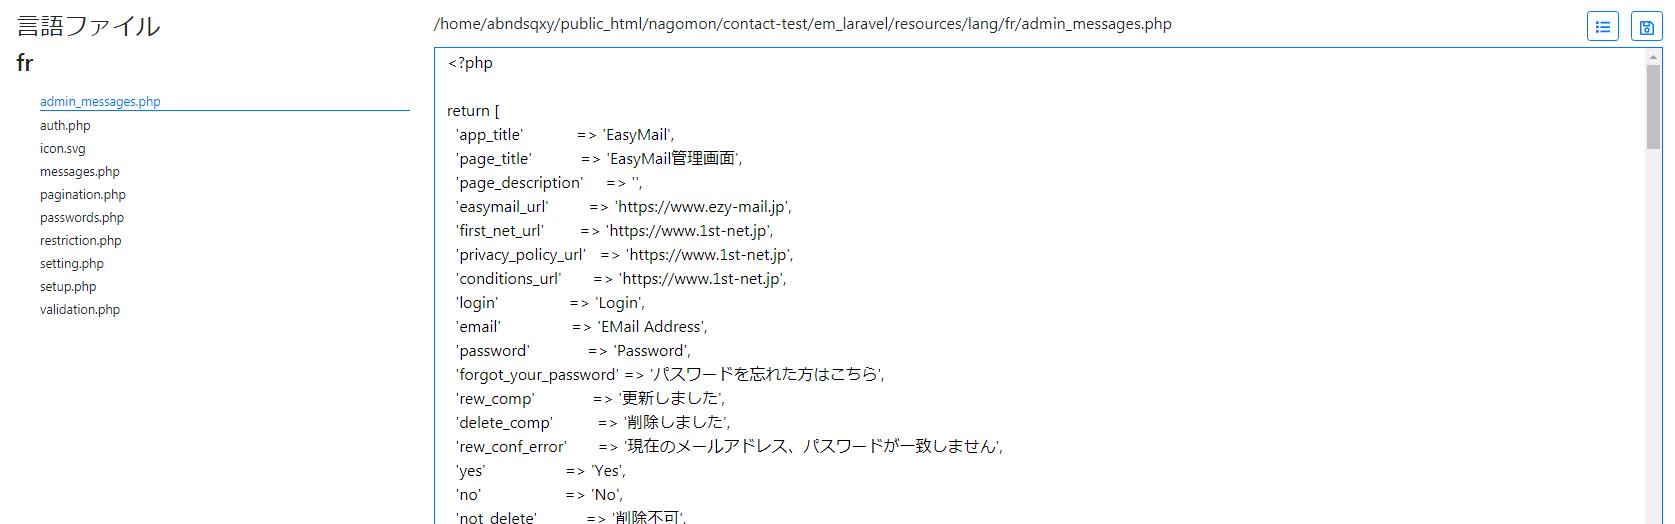 言語ファイル